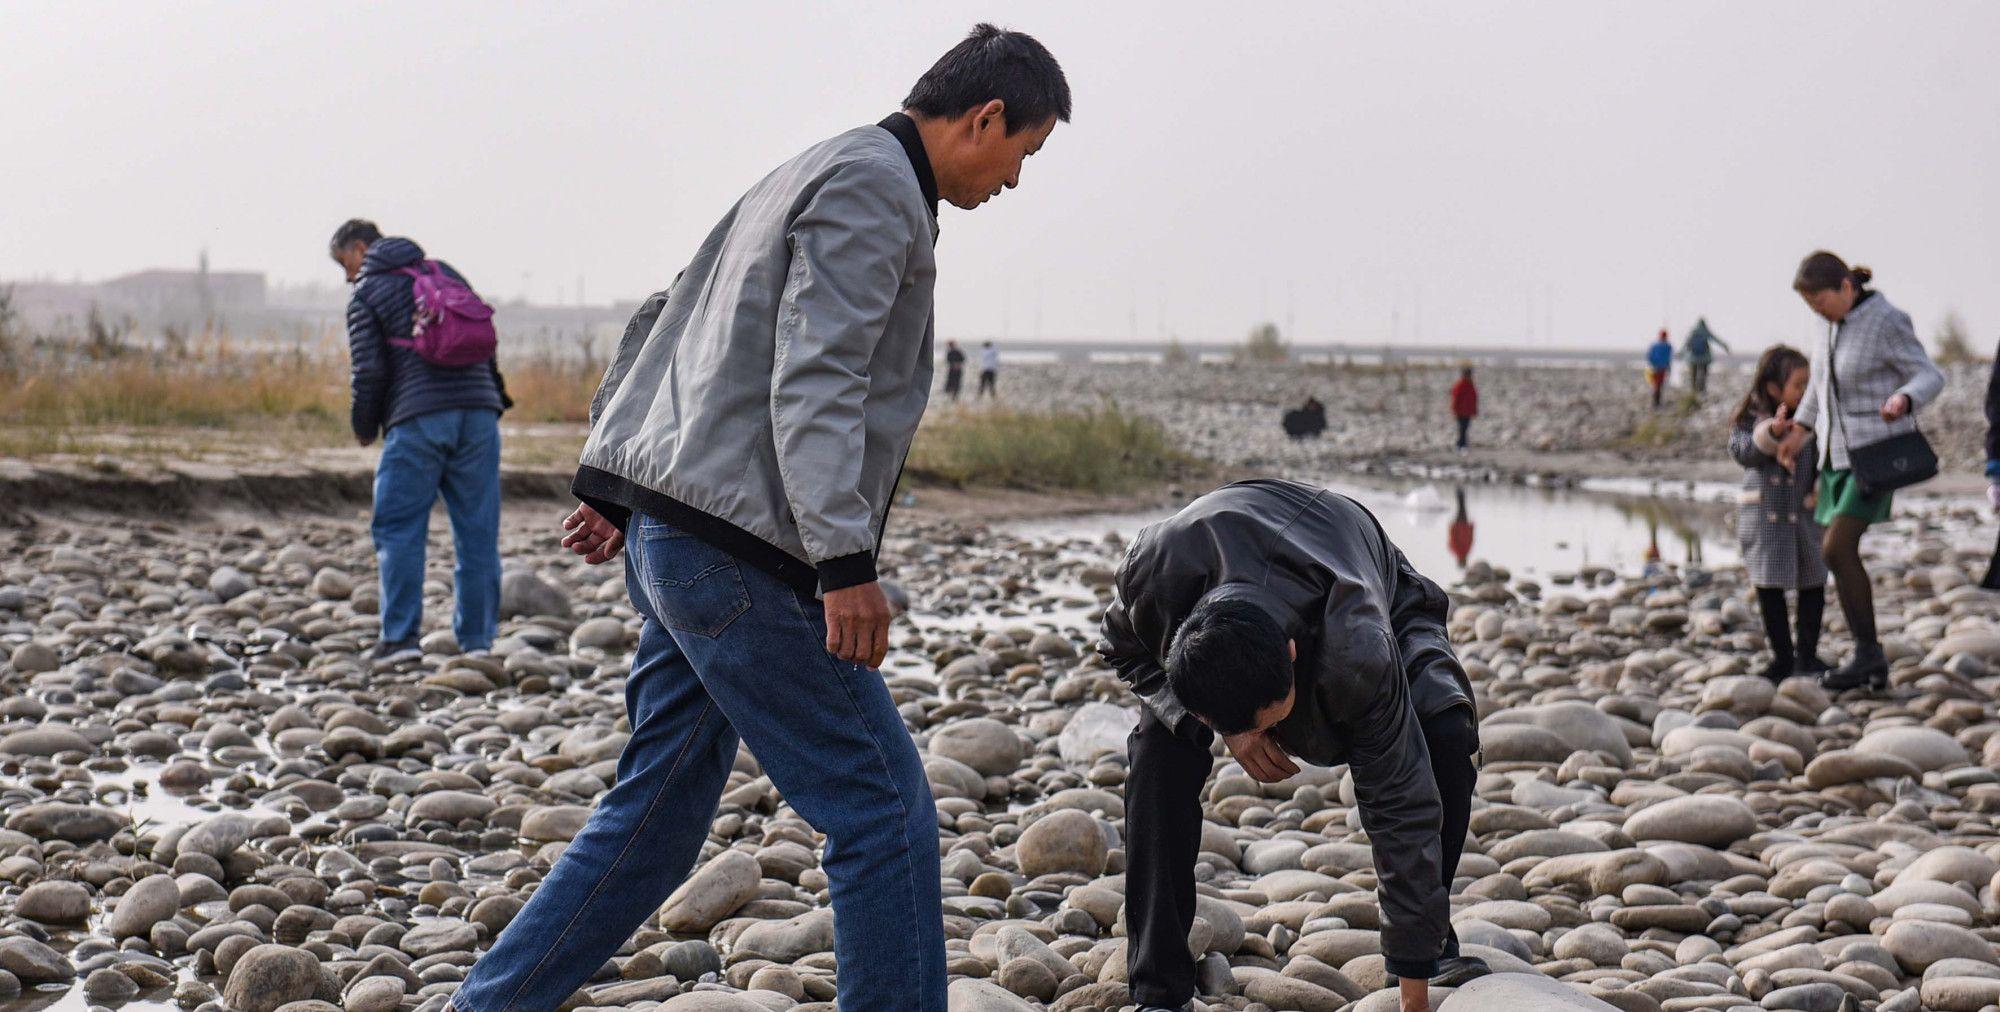 图片说故事:新疆和田人的淘宝生活,捡到一枚一夜暴富